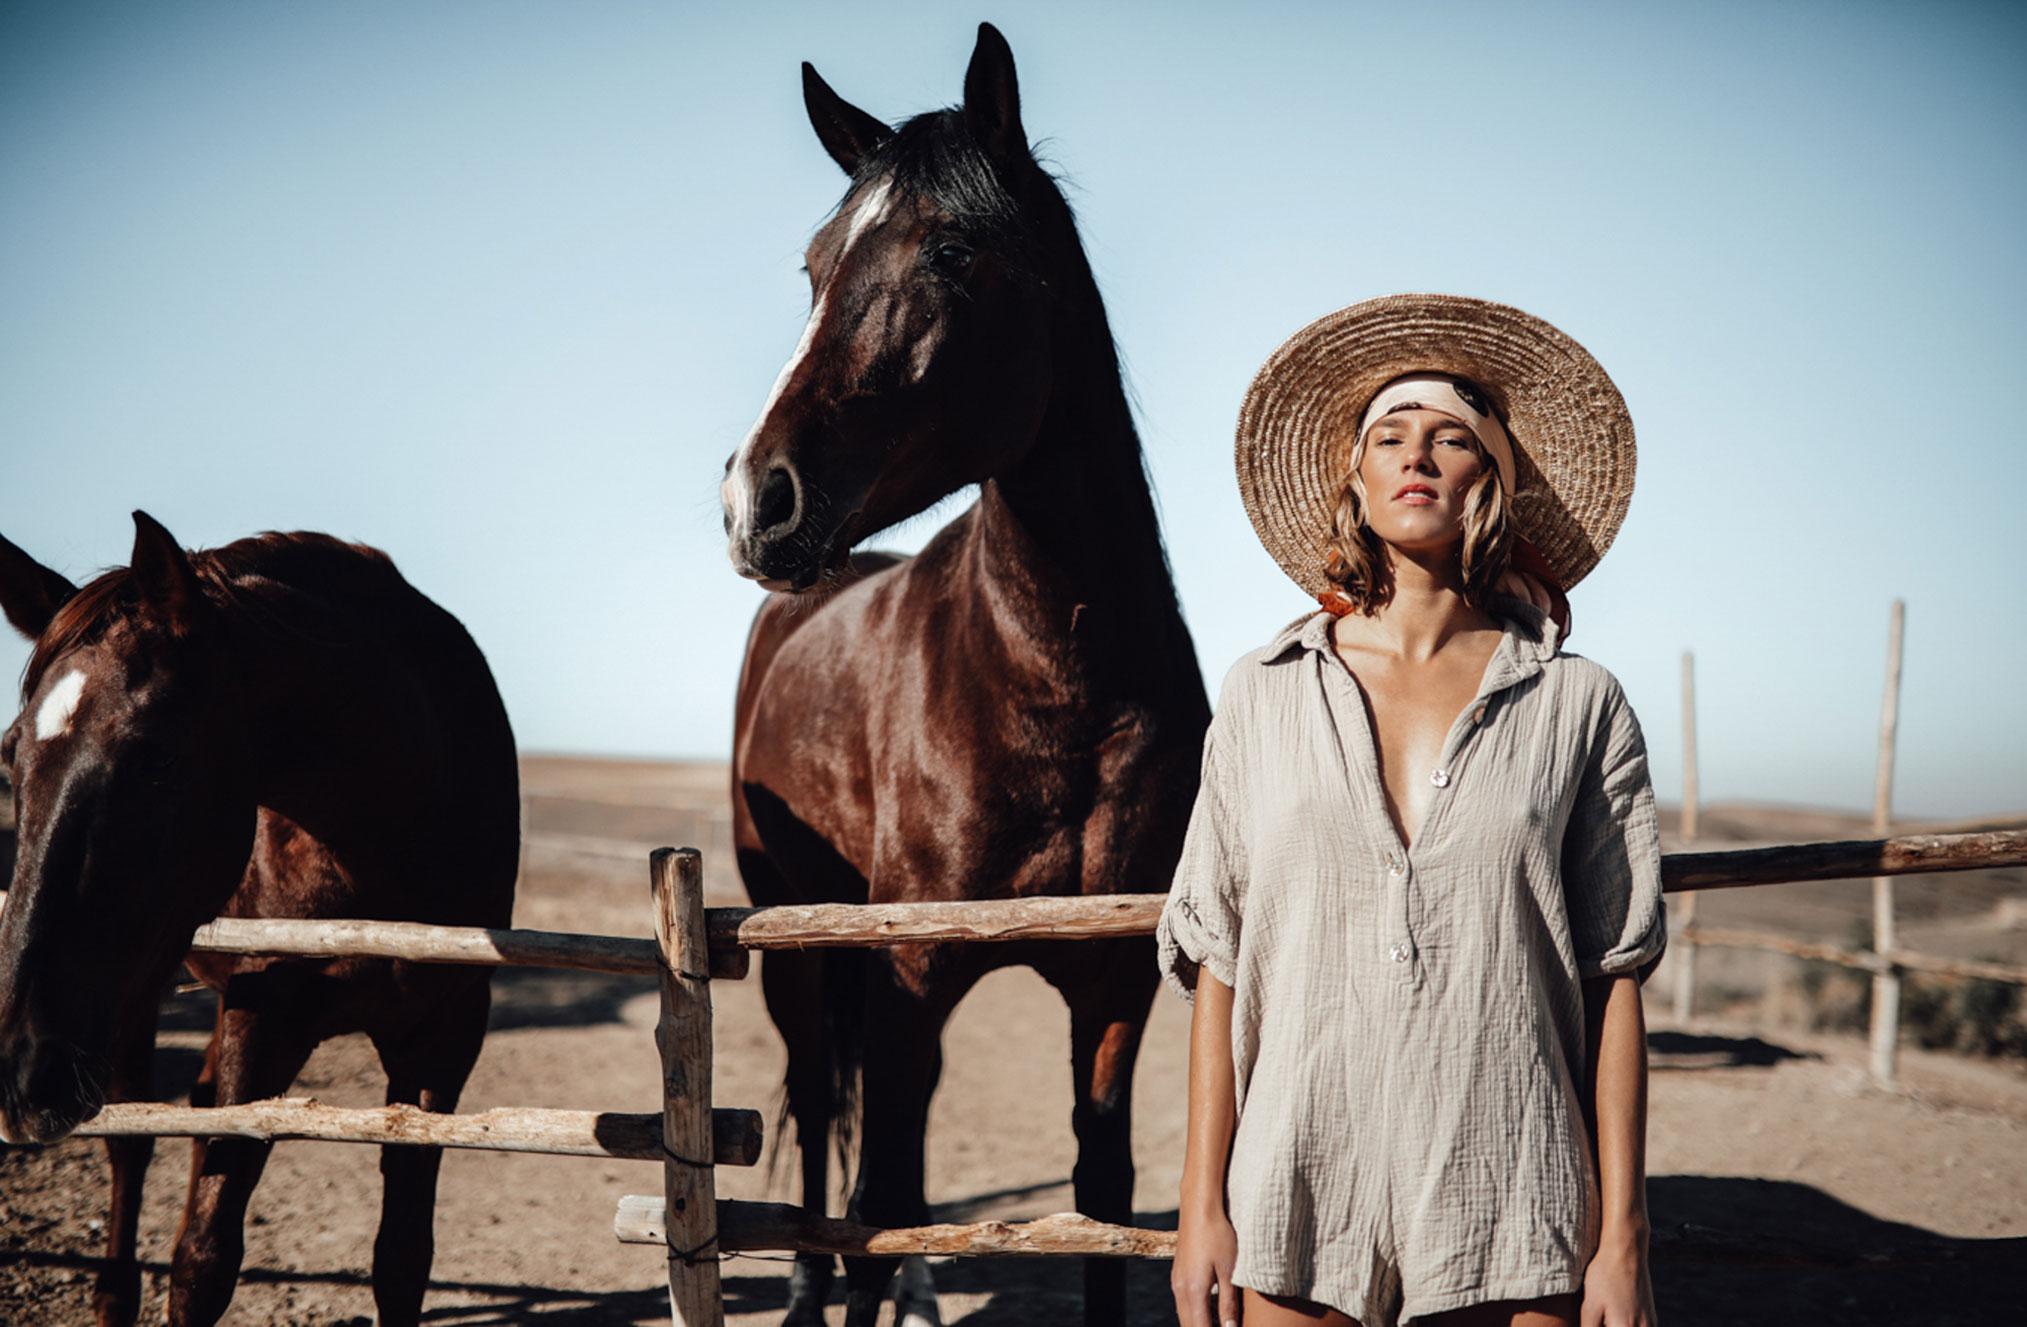 Поездка по Марокко в рекламе шляп, косынок и бандан Fringe and Frange / фото 08